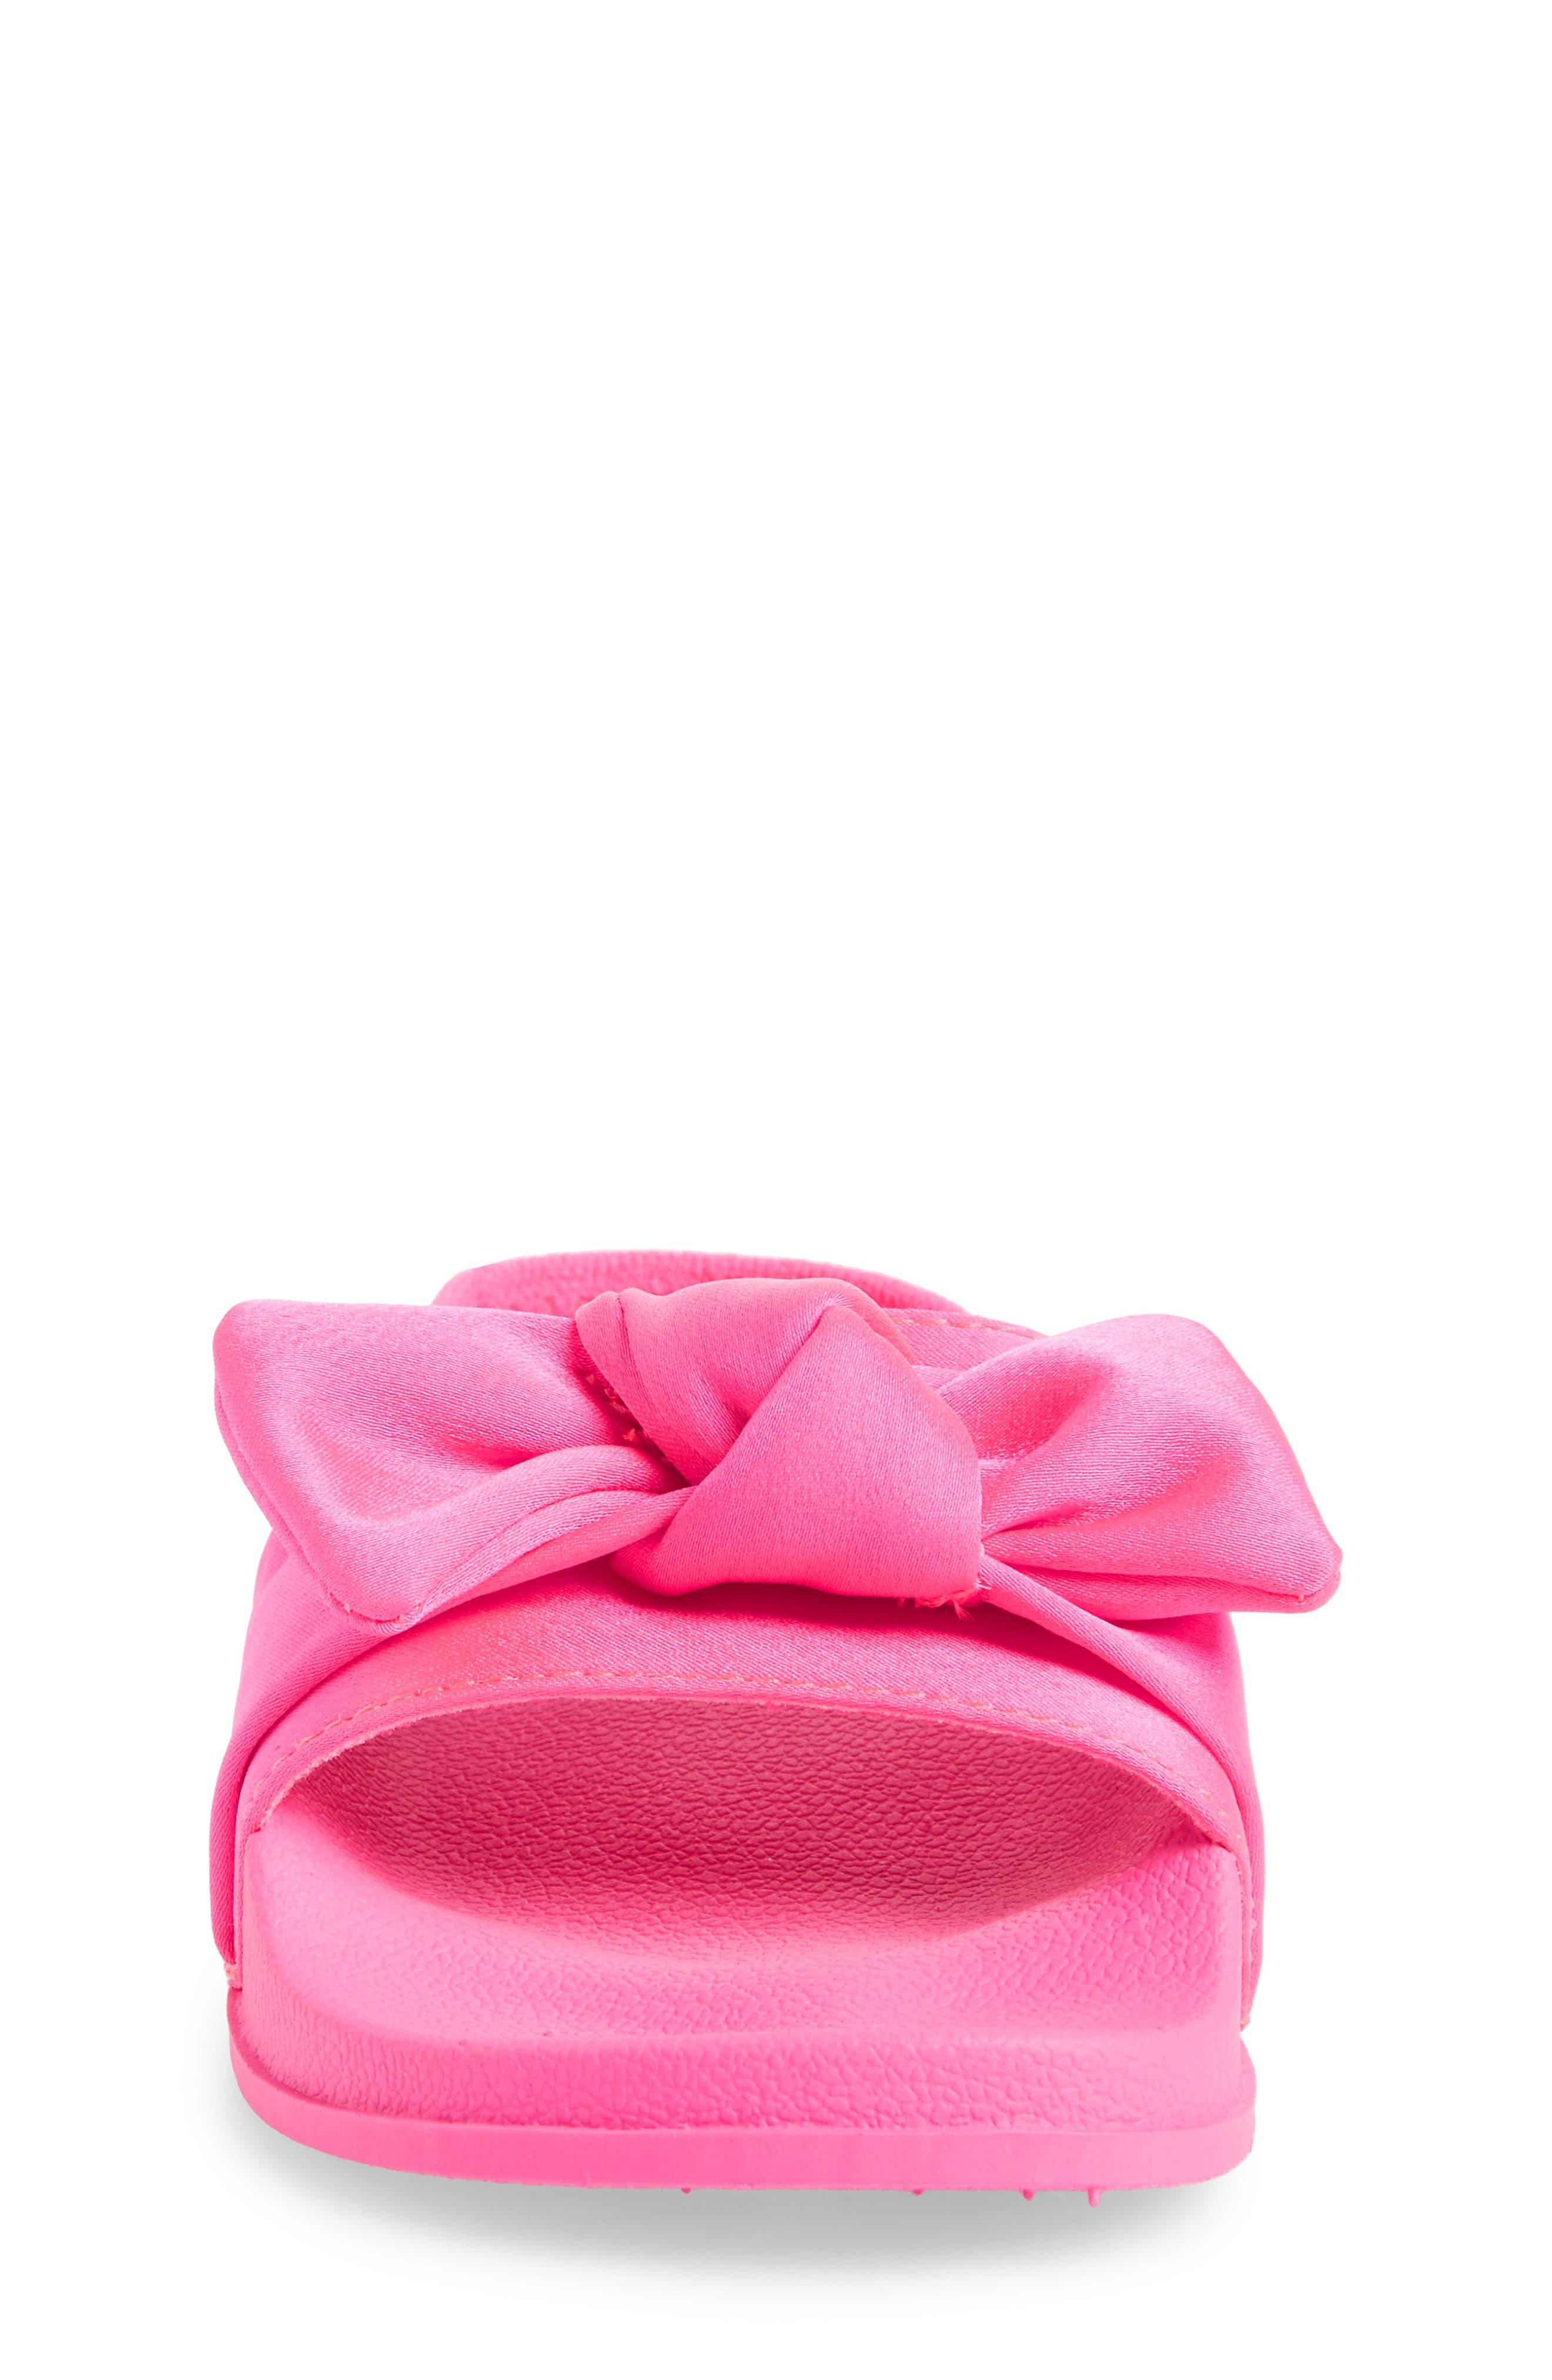 Tsilky Knotted Slide Sandal,                             Alternate thumbnail 19, color,